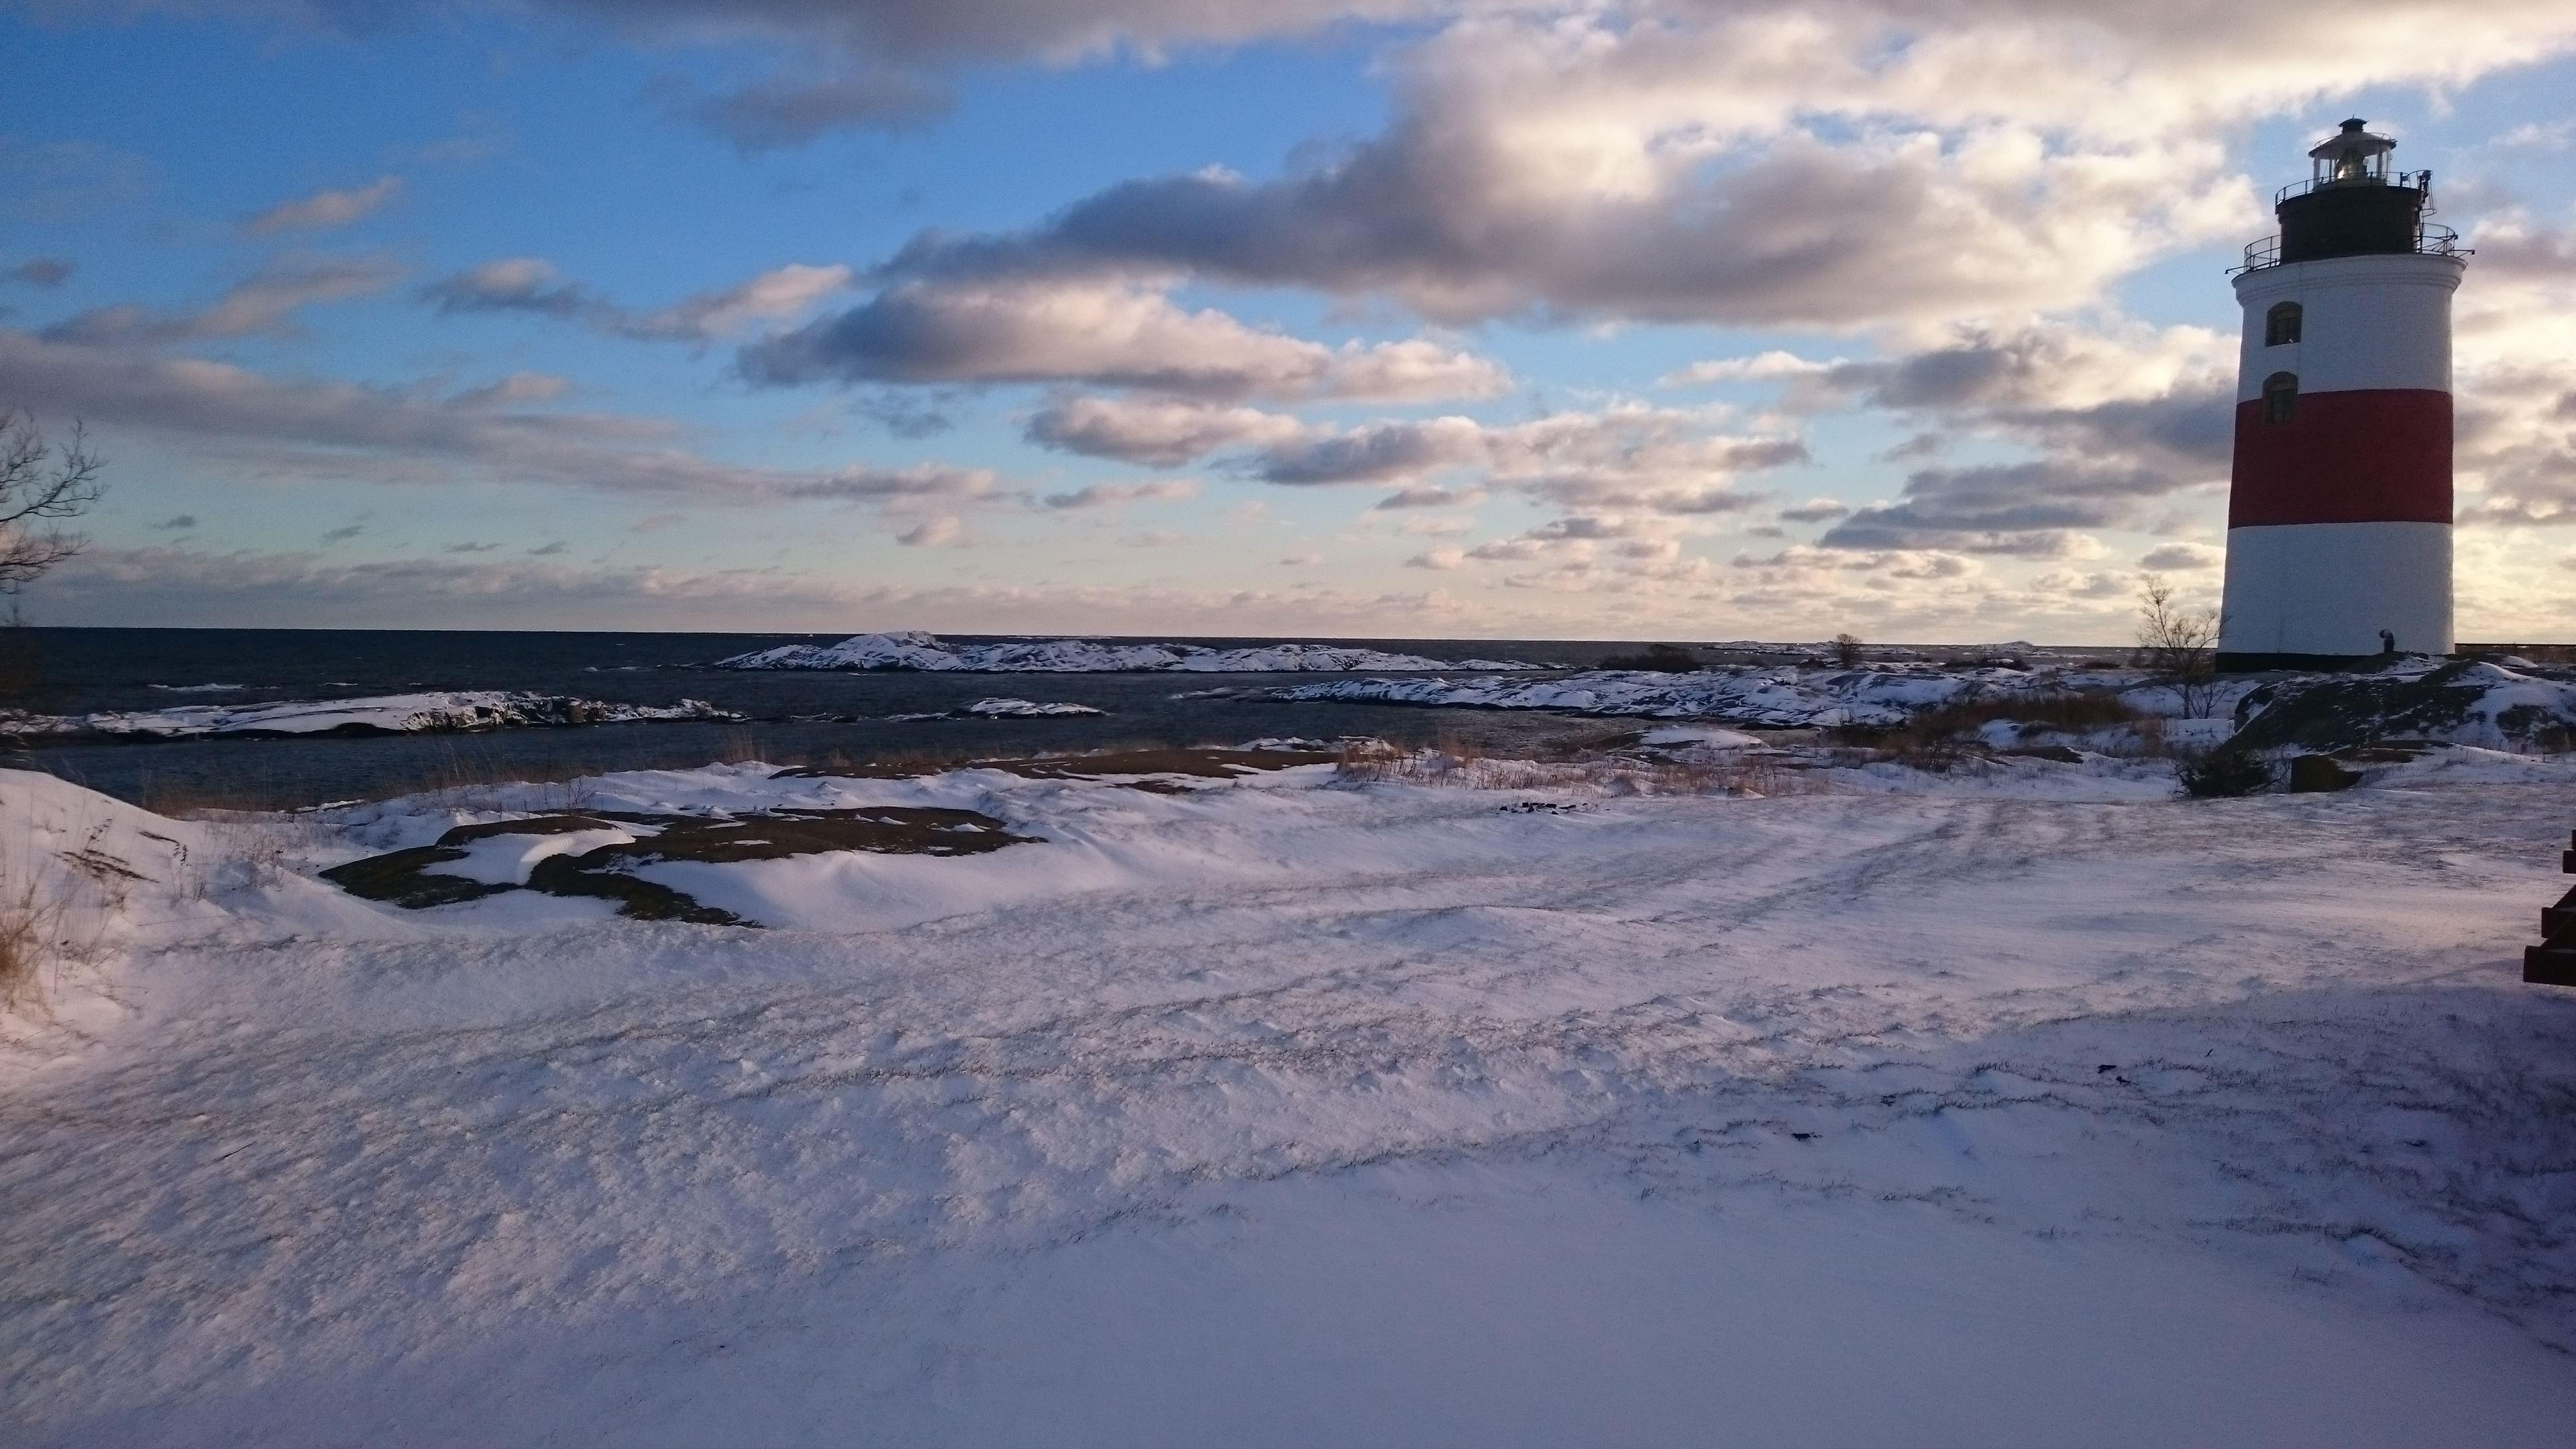 FULLBOKAT! Vinteräventyr i ytterskärgården – Söderarm – 2 februari 2019